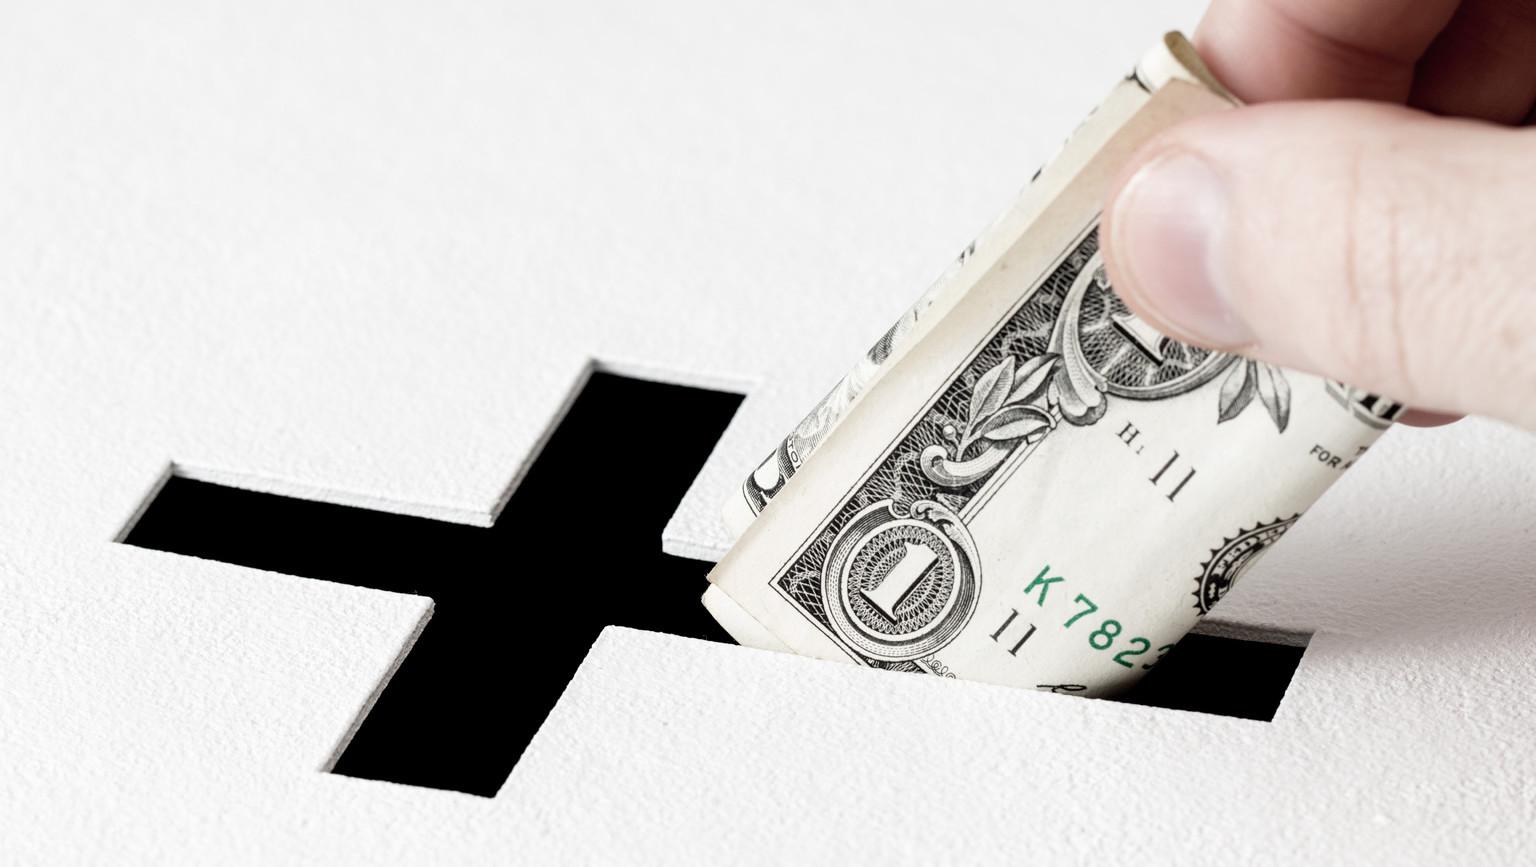 A közel-keleti keresztények javára gyűjtenek ma a katolikusok